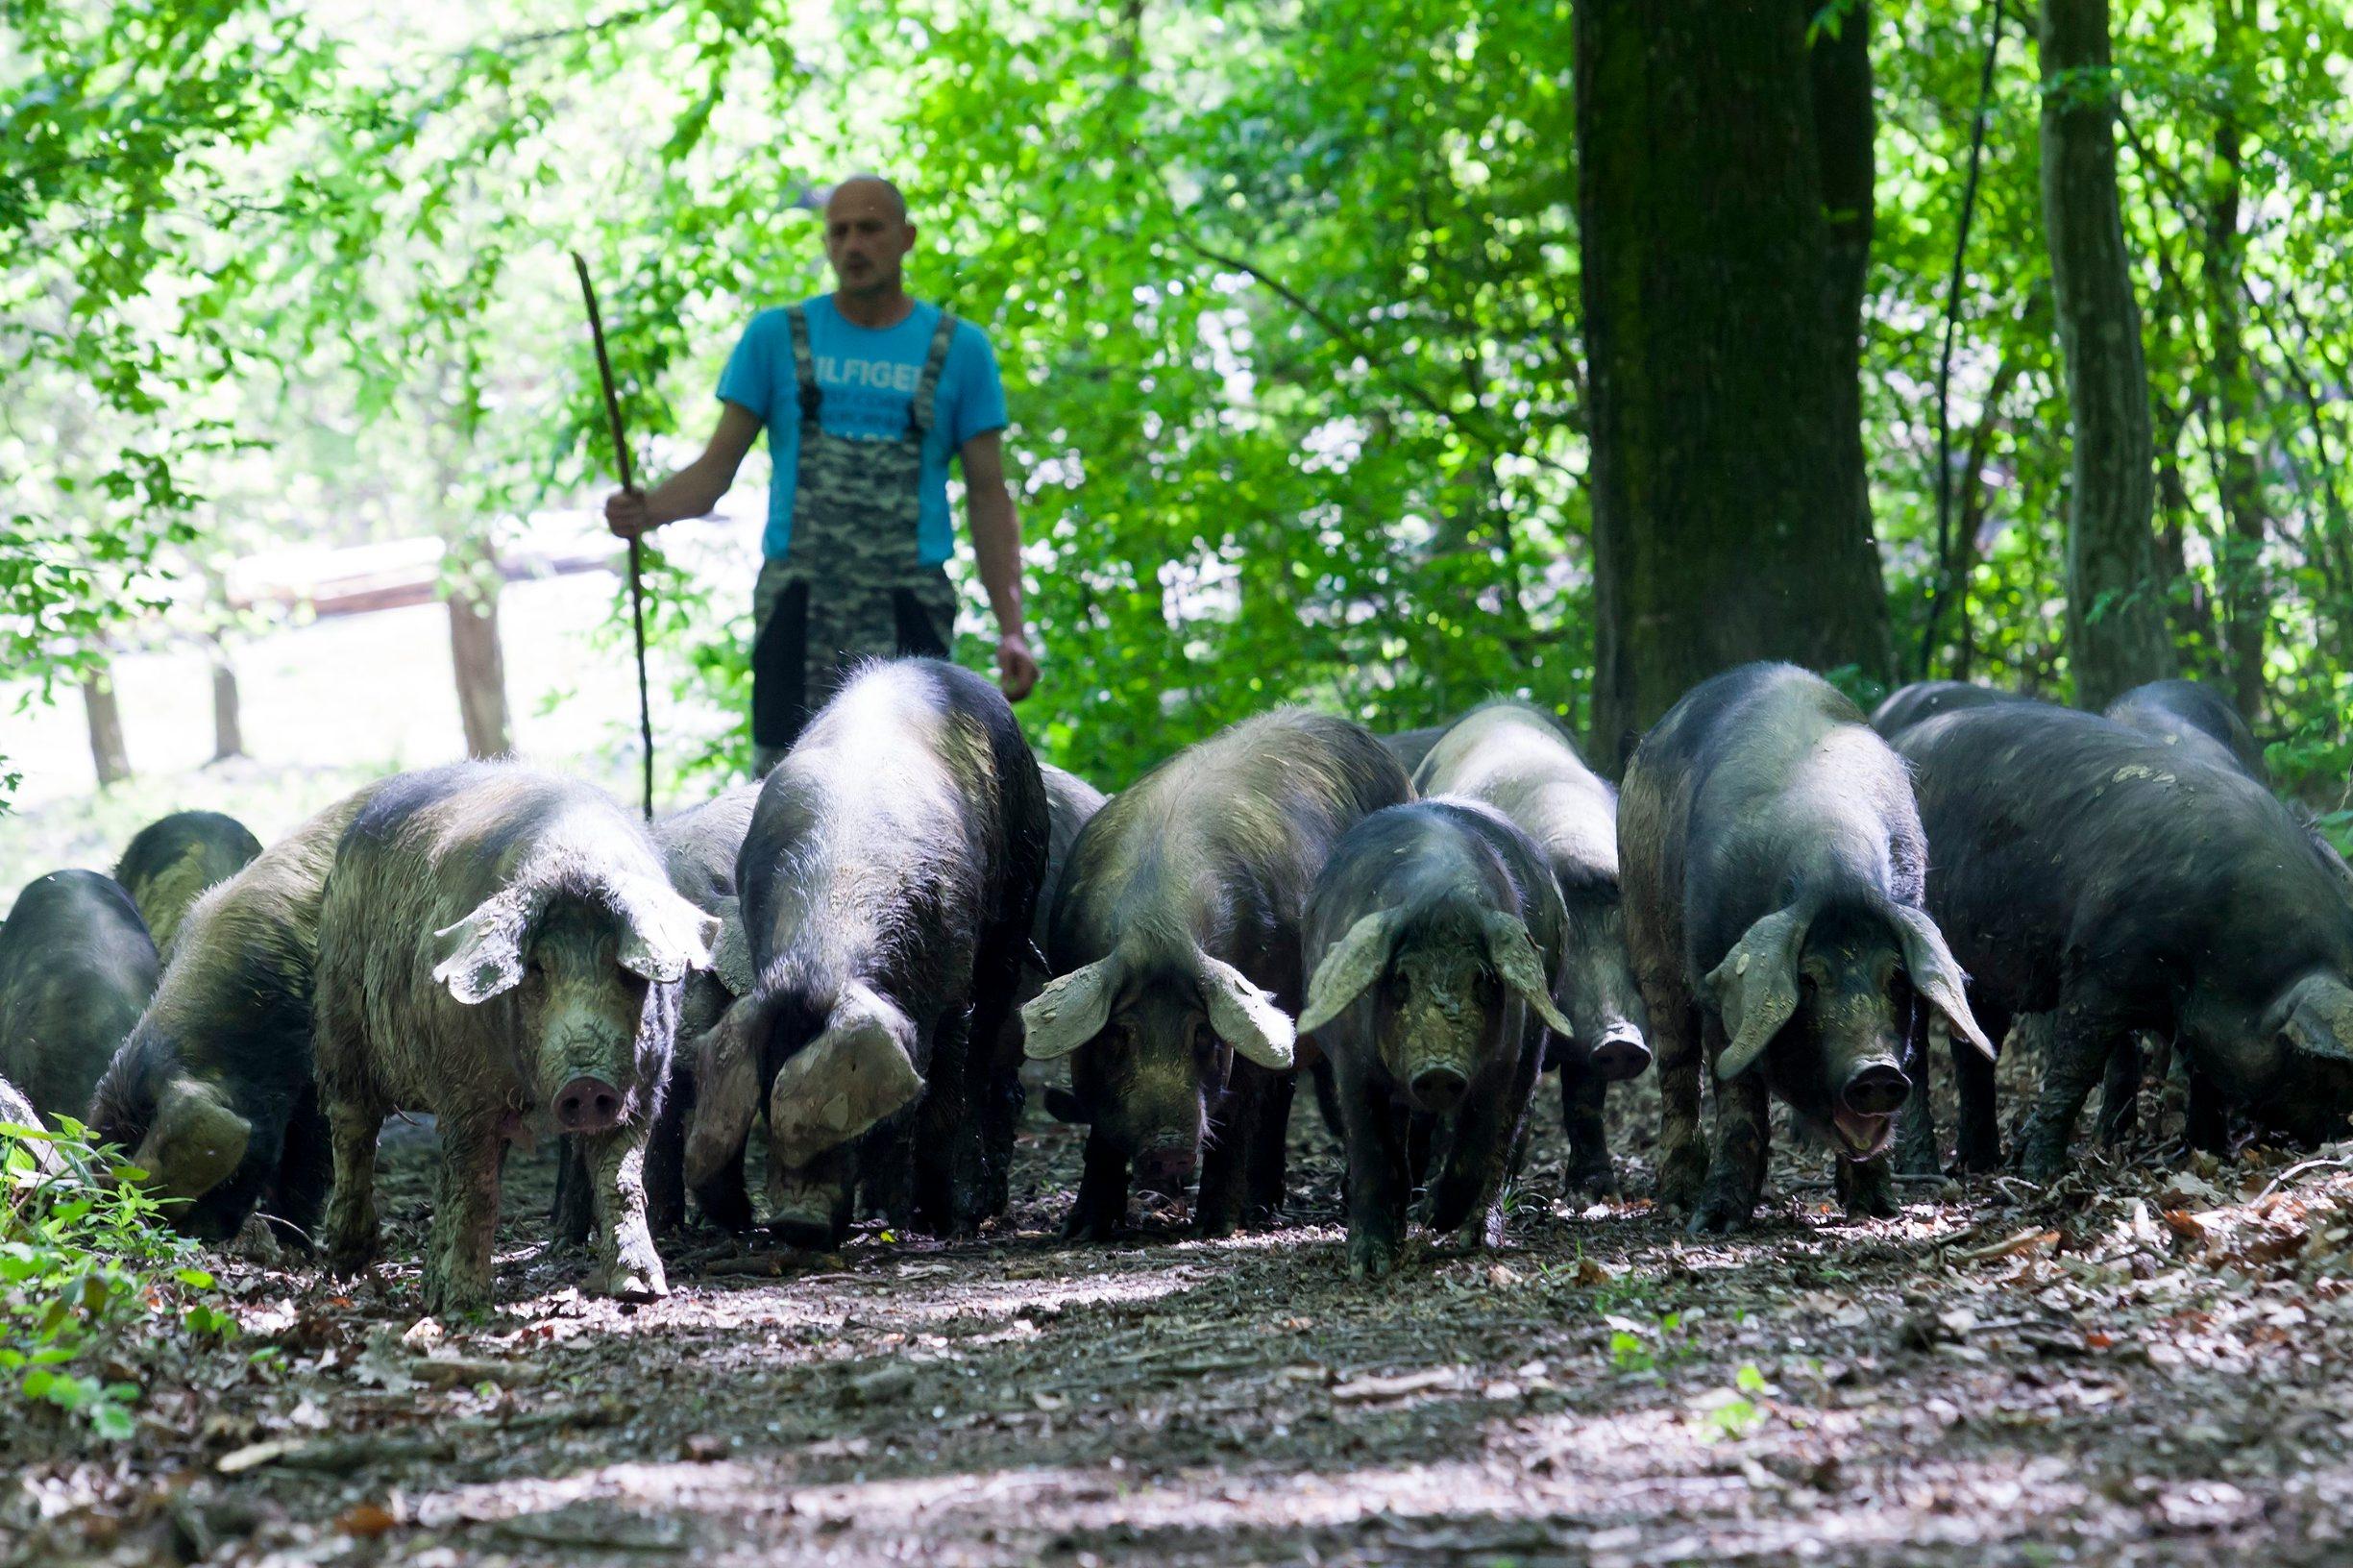 Nakon gotovo 11 godina provedbe mjera za iskorjenjivanje Klasične svinjske kuge u Hrvatskoj ispunjeni su svi uvjeti koji su bili nužni za ukidanje mjera regionalizacije i stjecanje statusa Hrvatske kao zemlje slobodne od te bolesti